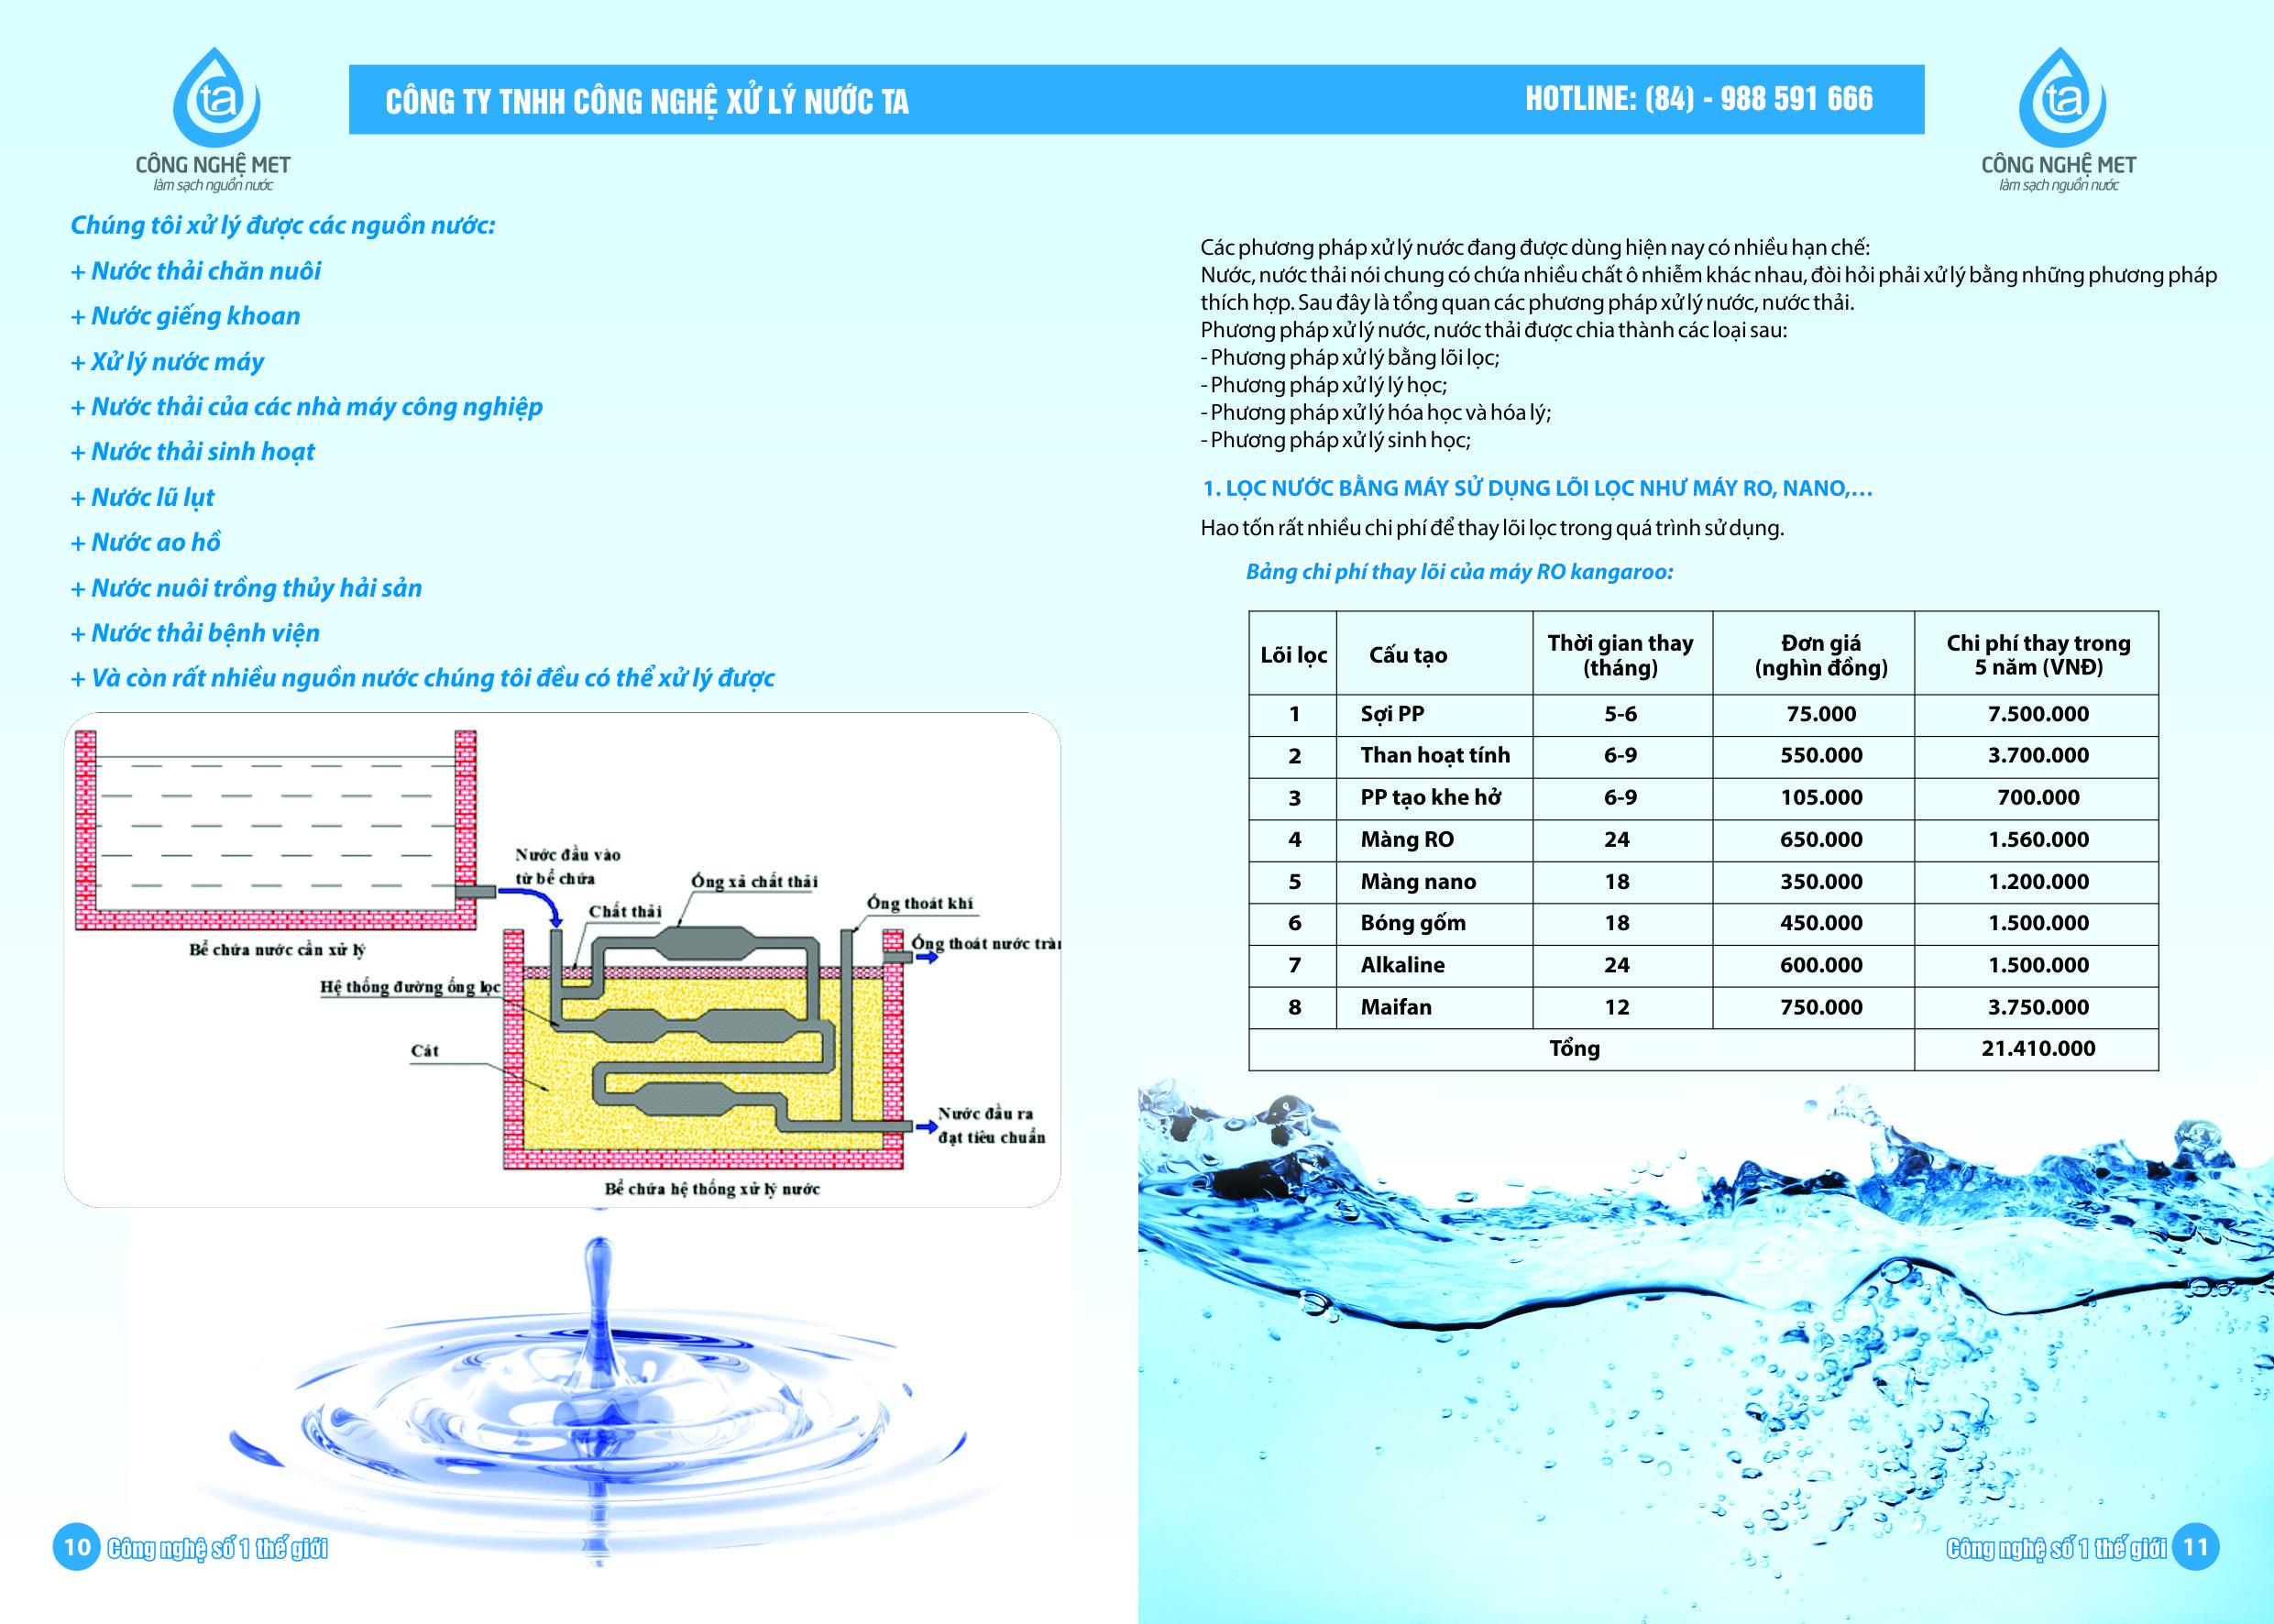 Thiết kế hệ thống xử lý nước cấp bằng Công nghệ MET